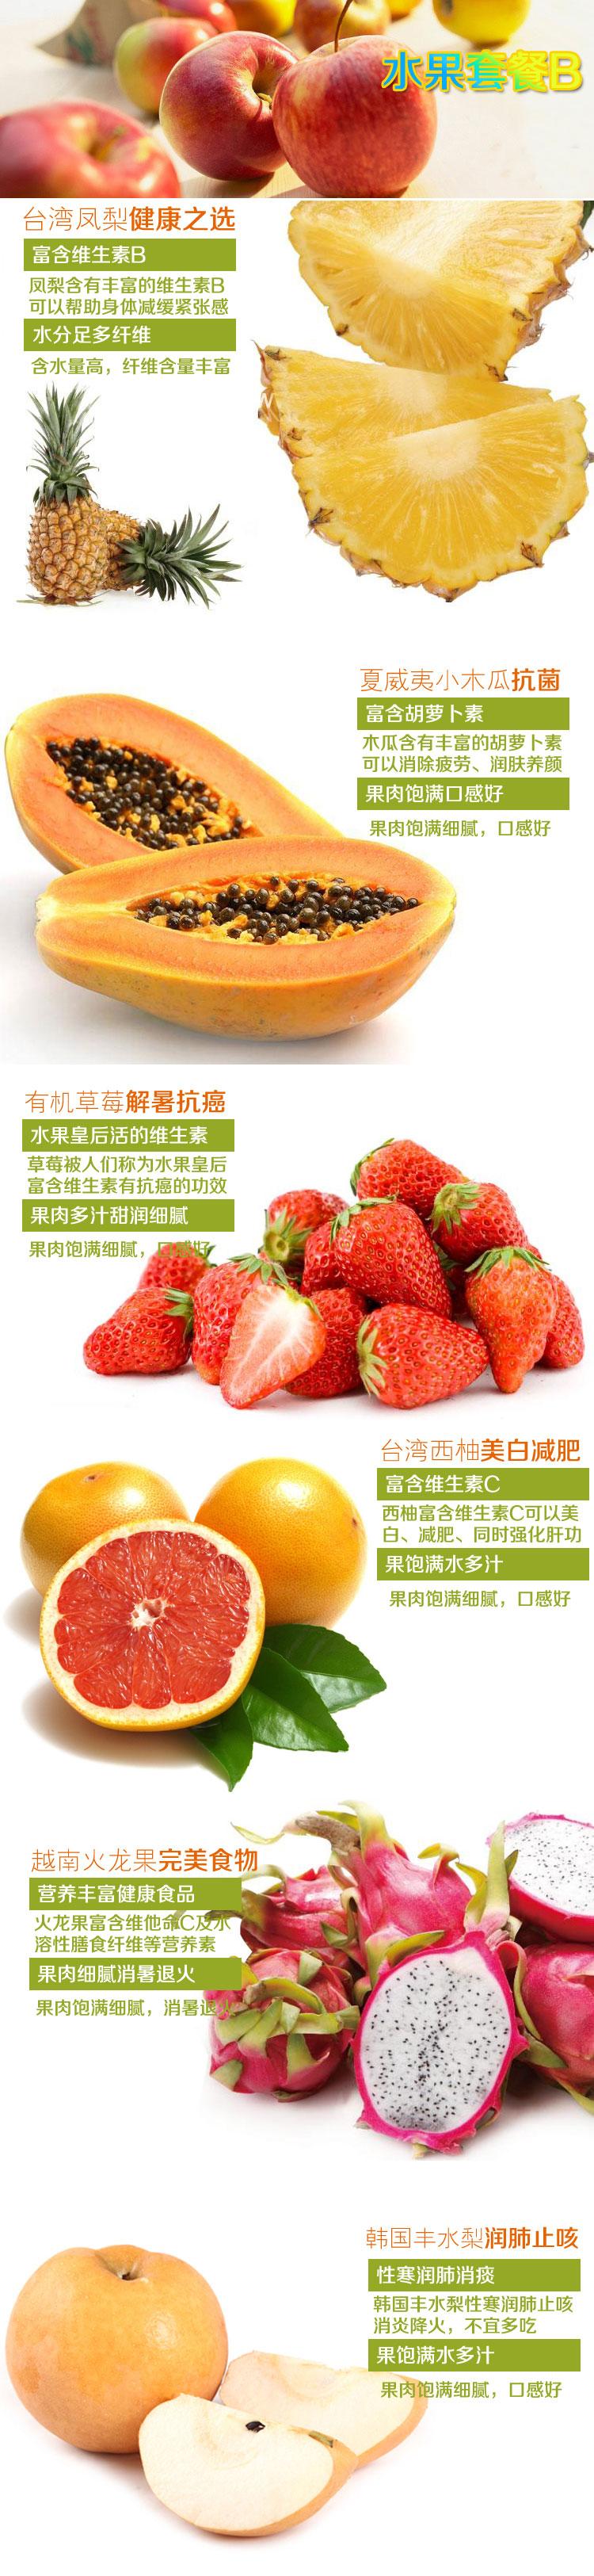 水果B副本_01